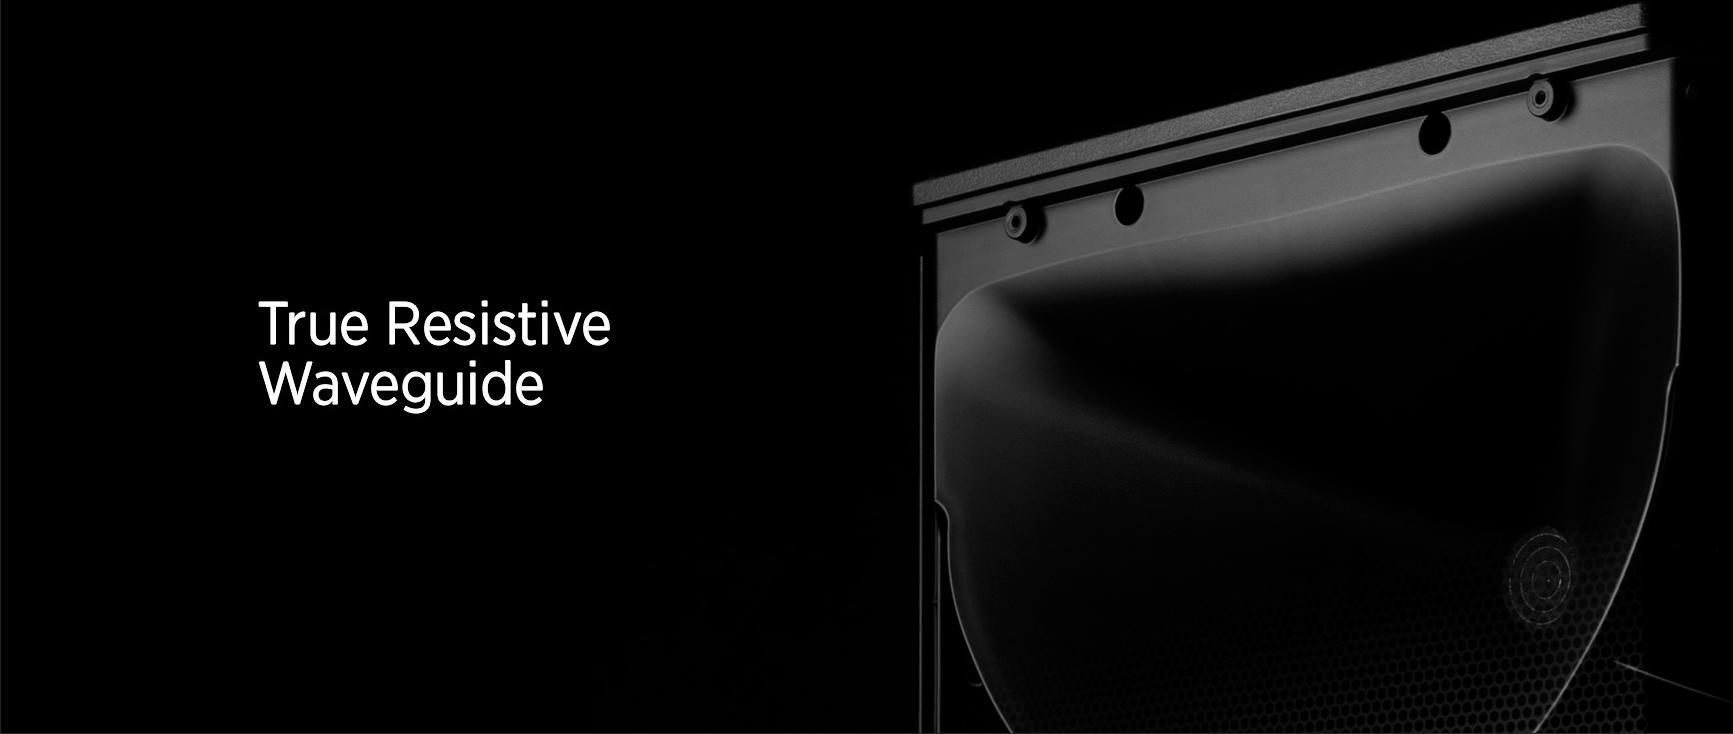 true-resistive-waveguide.jpg